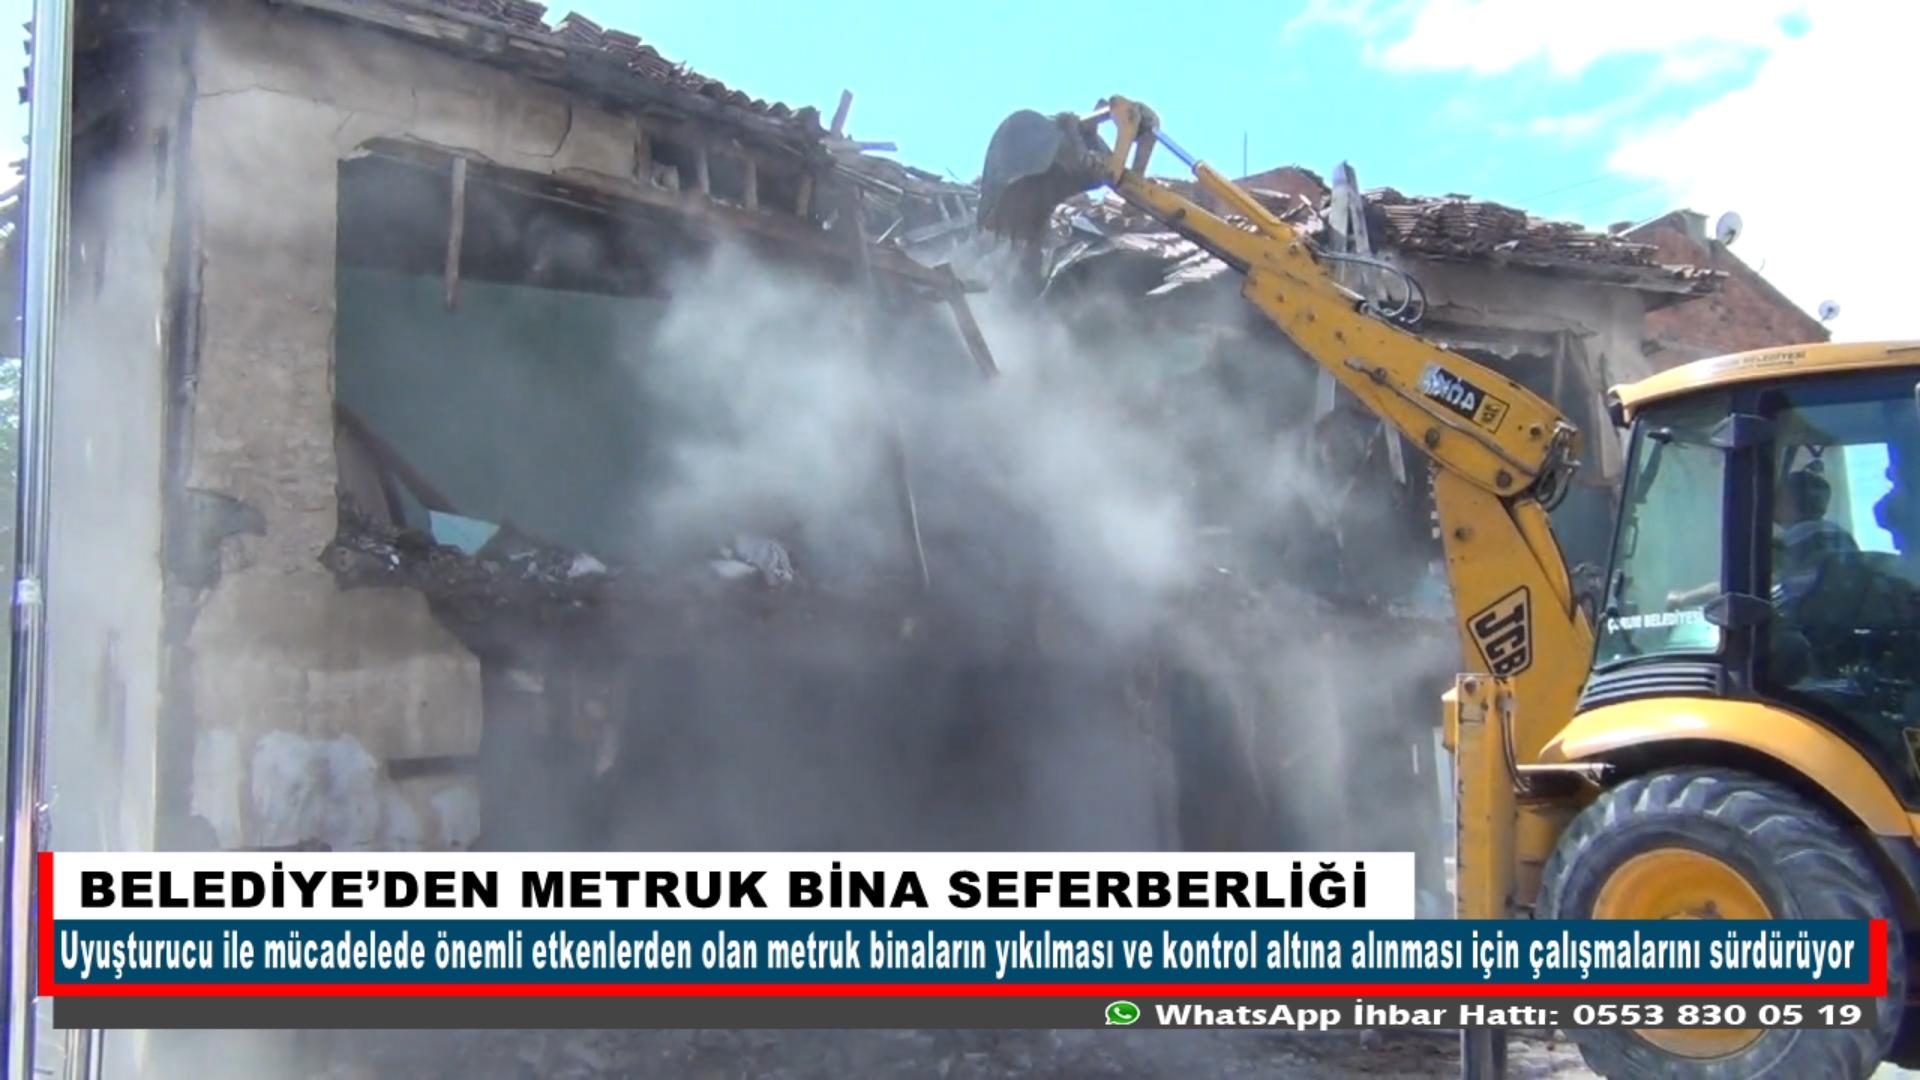 BELEDİYE'DEN METRUK BİNA SEFERBERLİĞİ